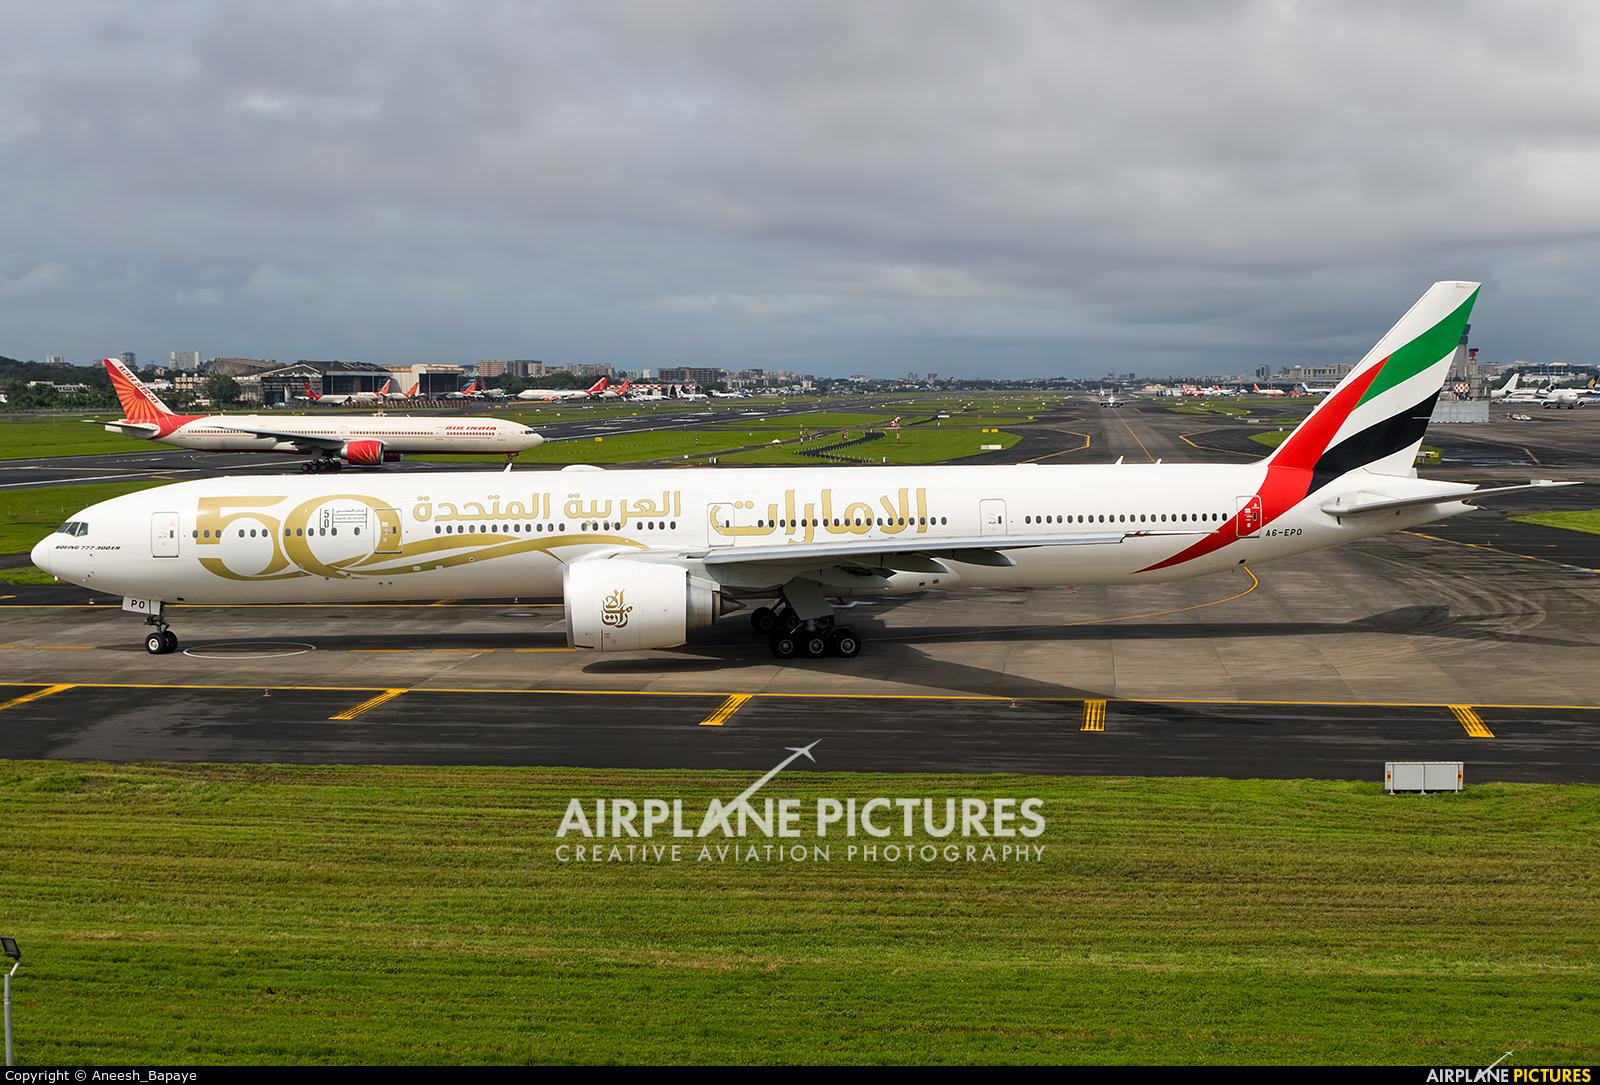 Emirates Airlines A6-EPO aircraft at Mumbai - Chhatrapati Shivaji Intl